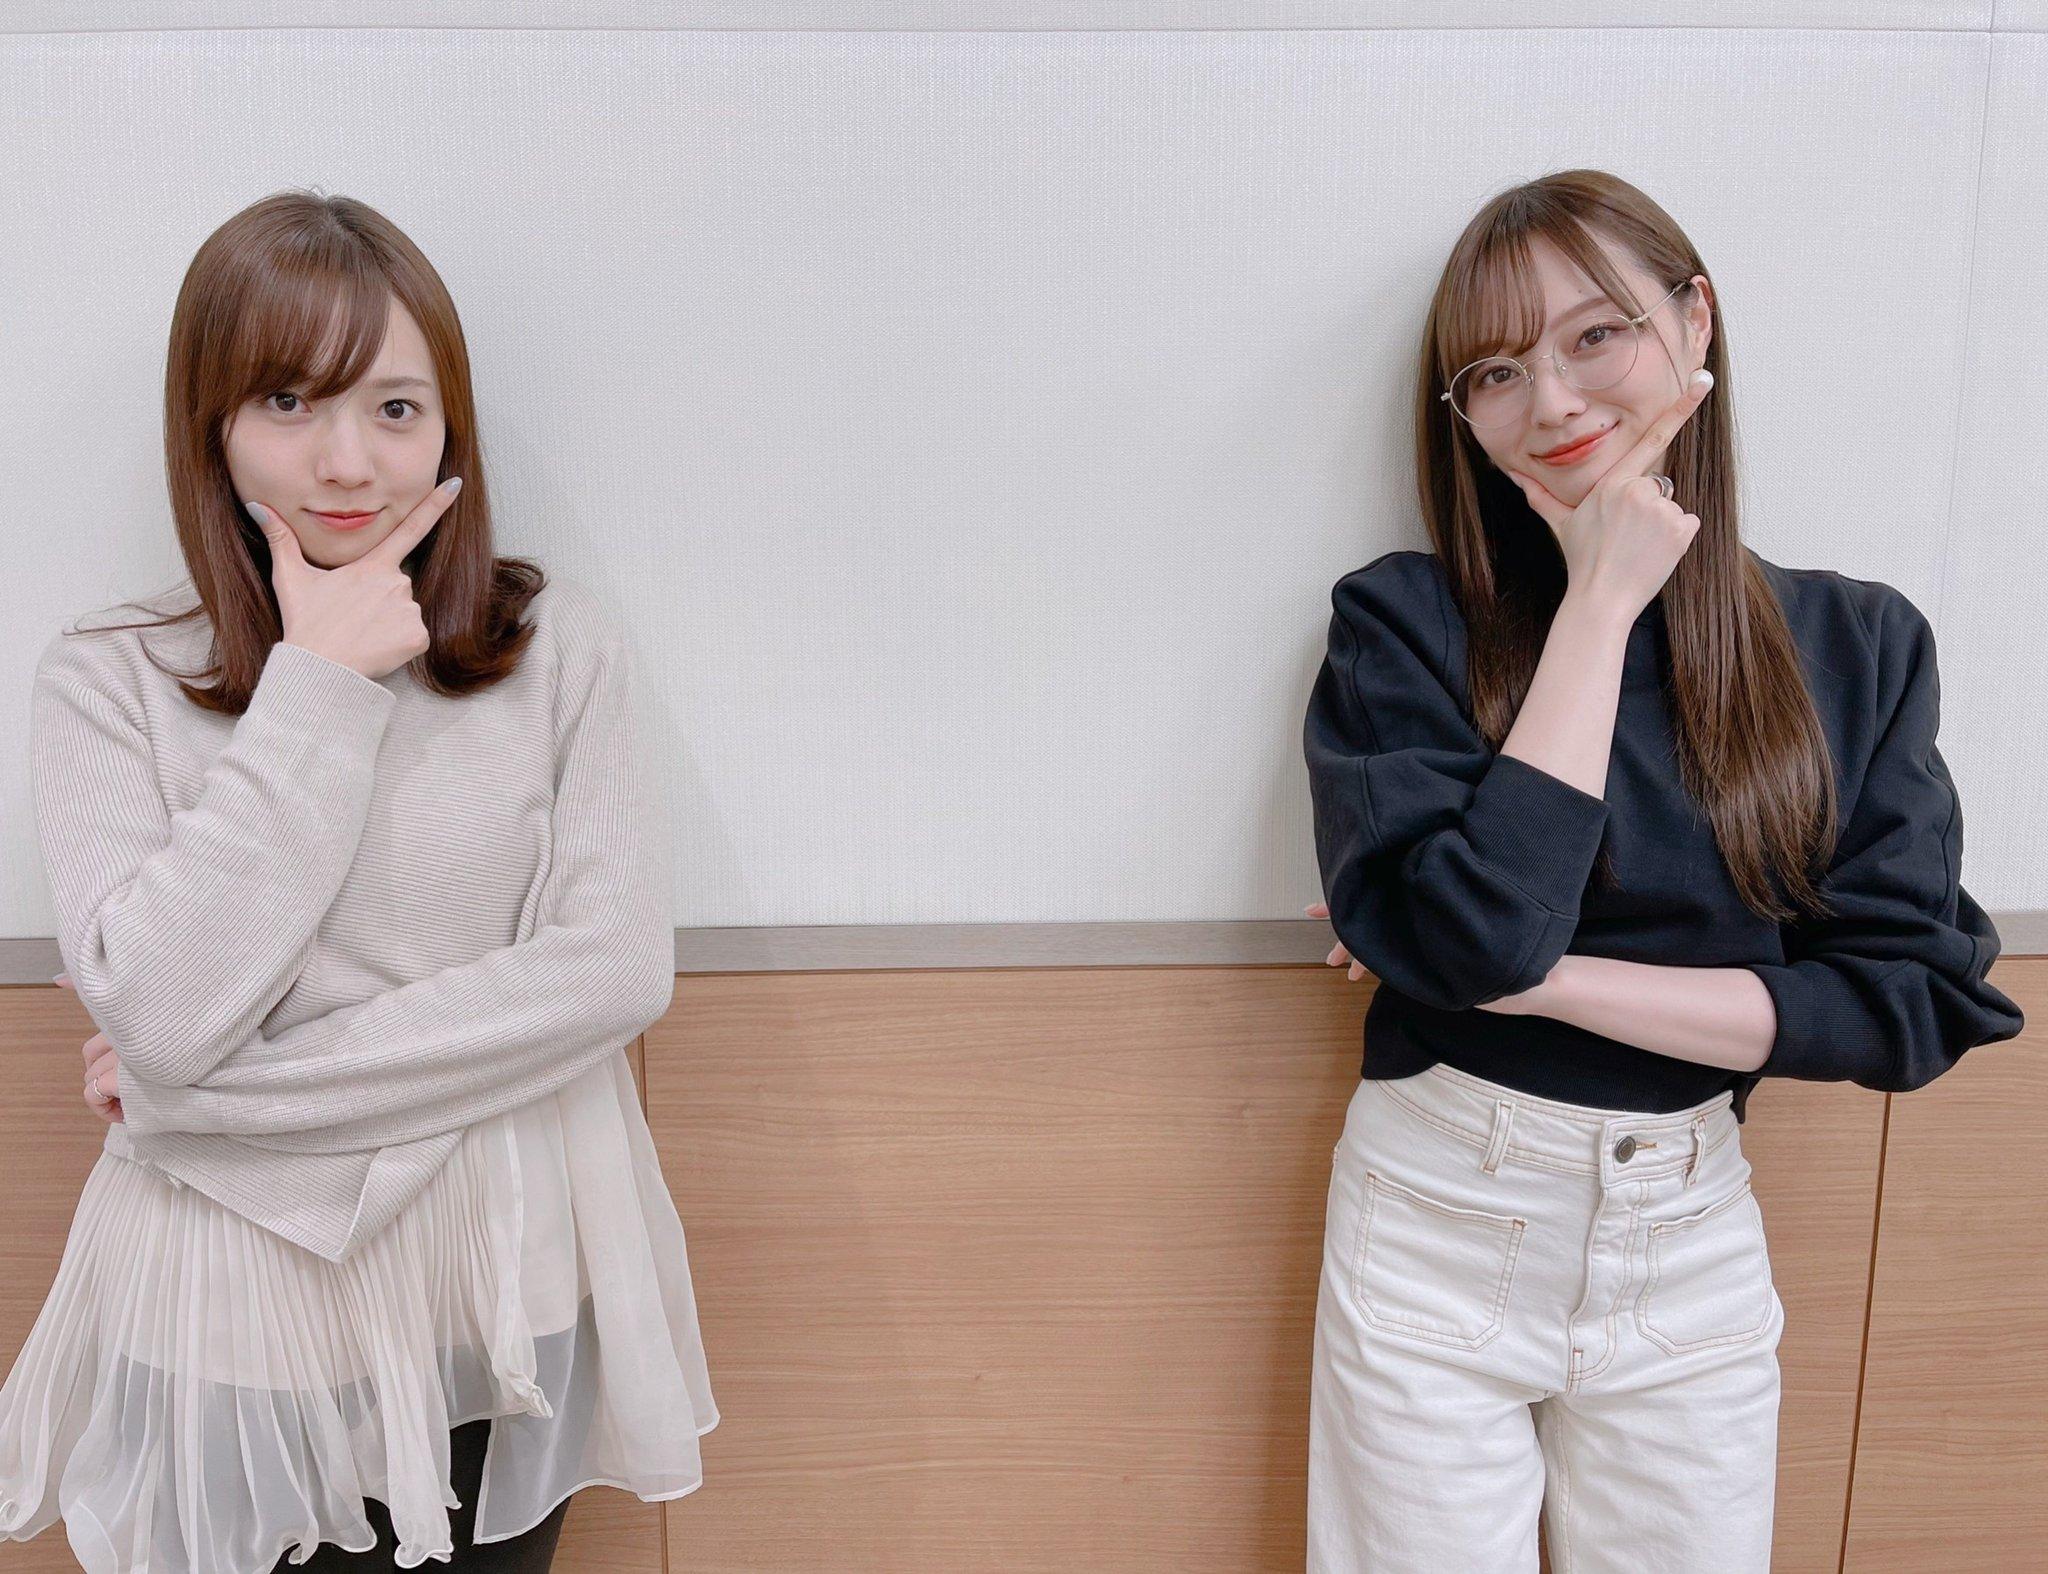 乃木坂46のオールナイトニッポン 梅澤美波